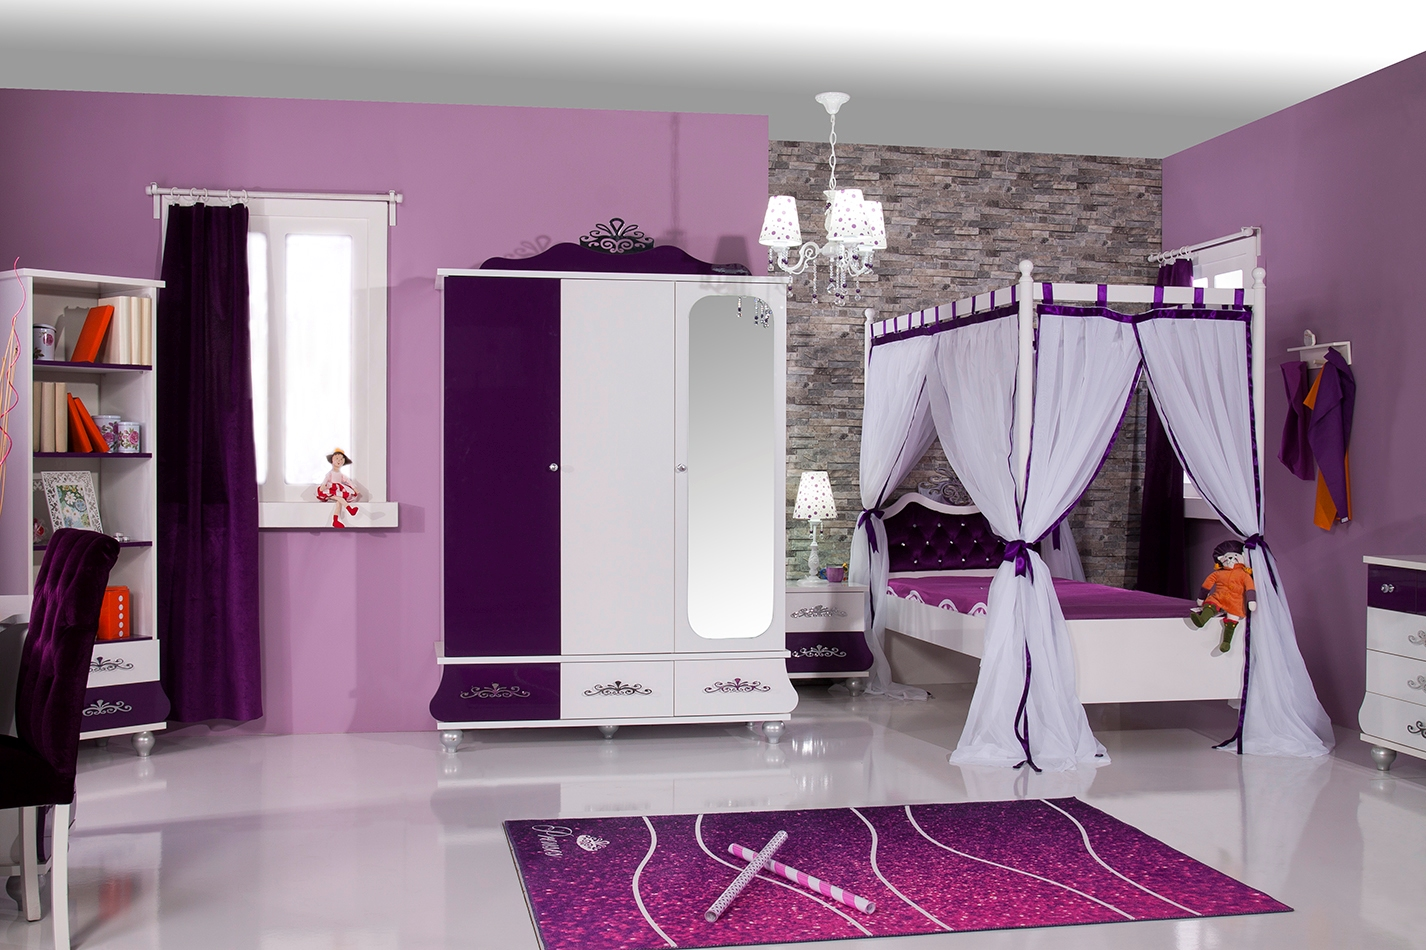 Brilliant Möbel Für Kinder Foto Von Kinderzimmer Anastasia Lila, Ein Mädchenzimmer Traum Für